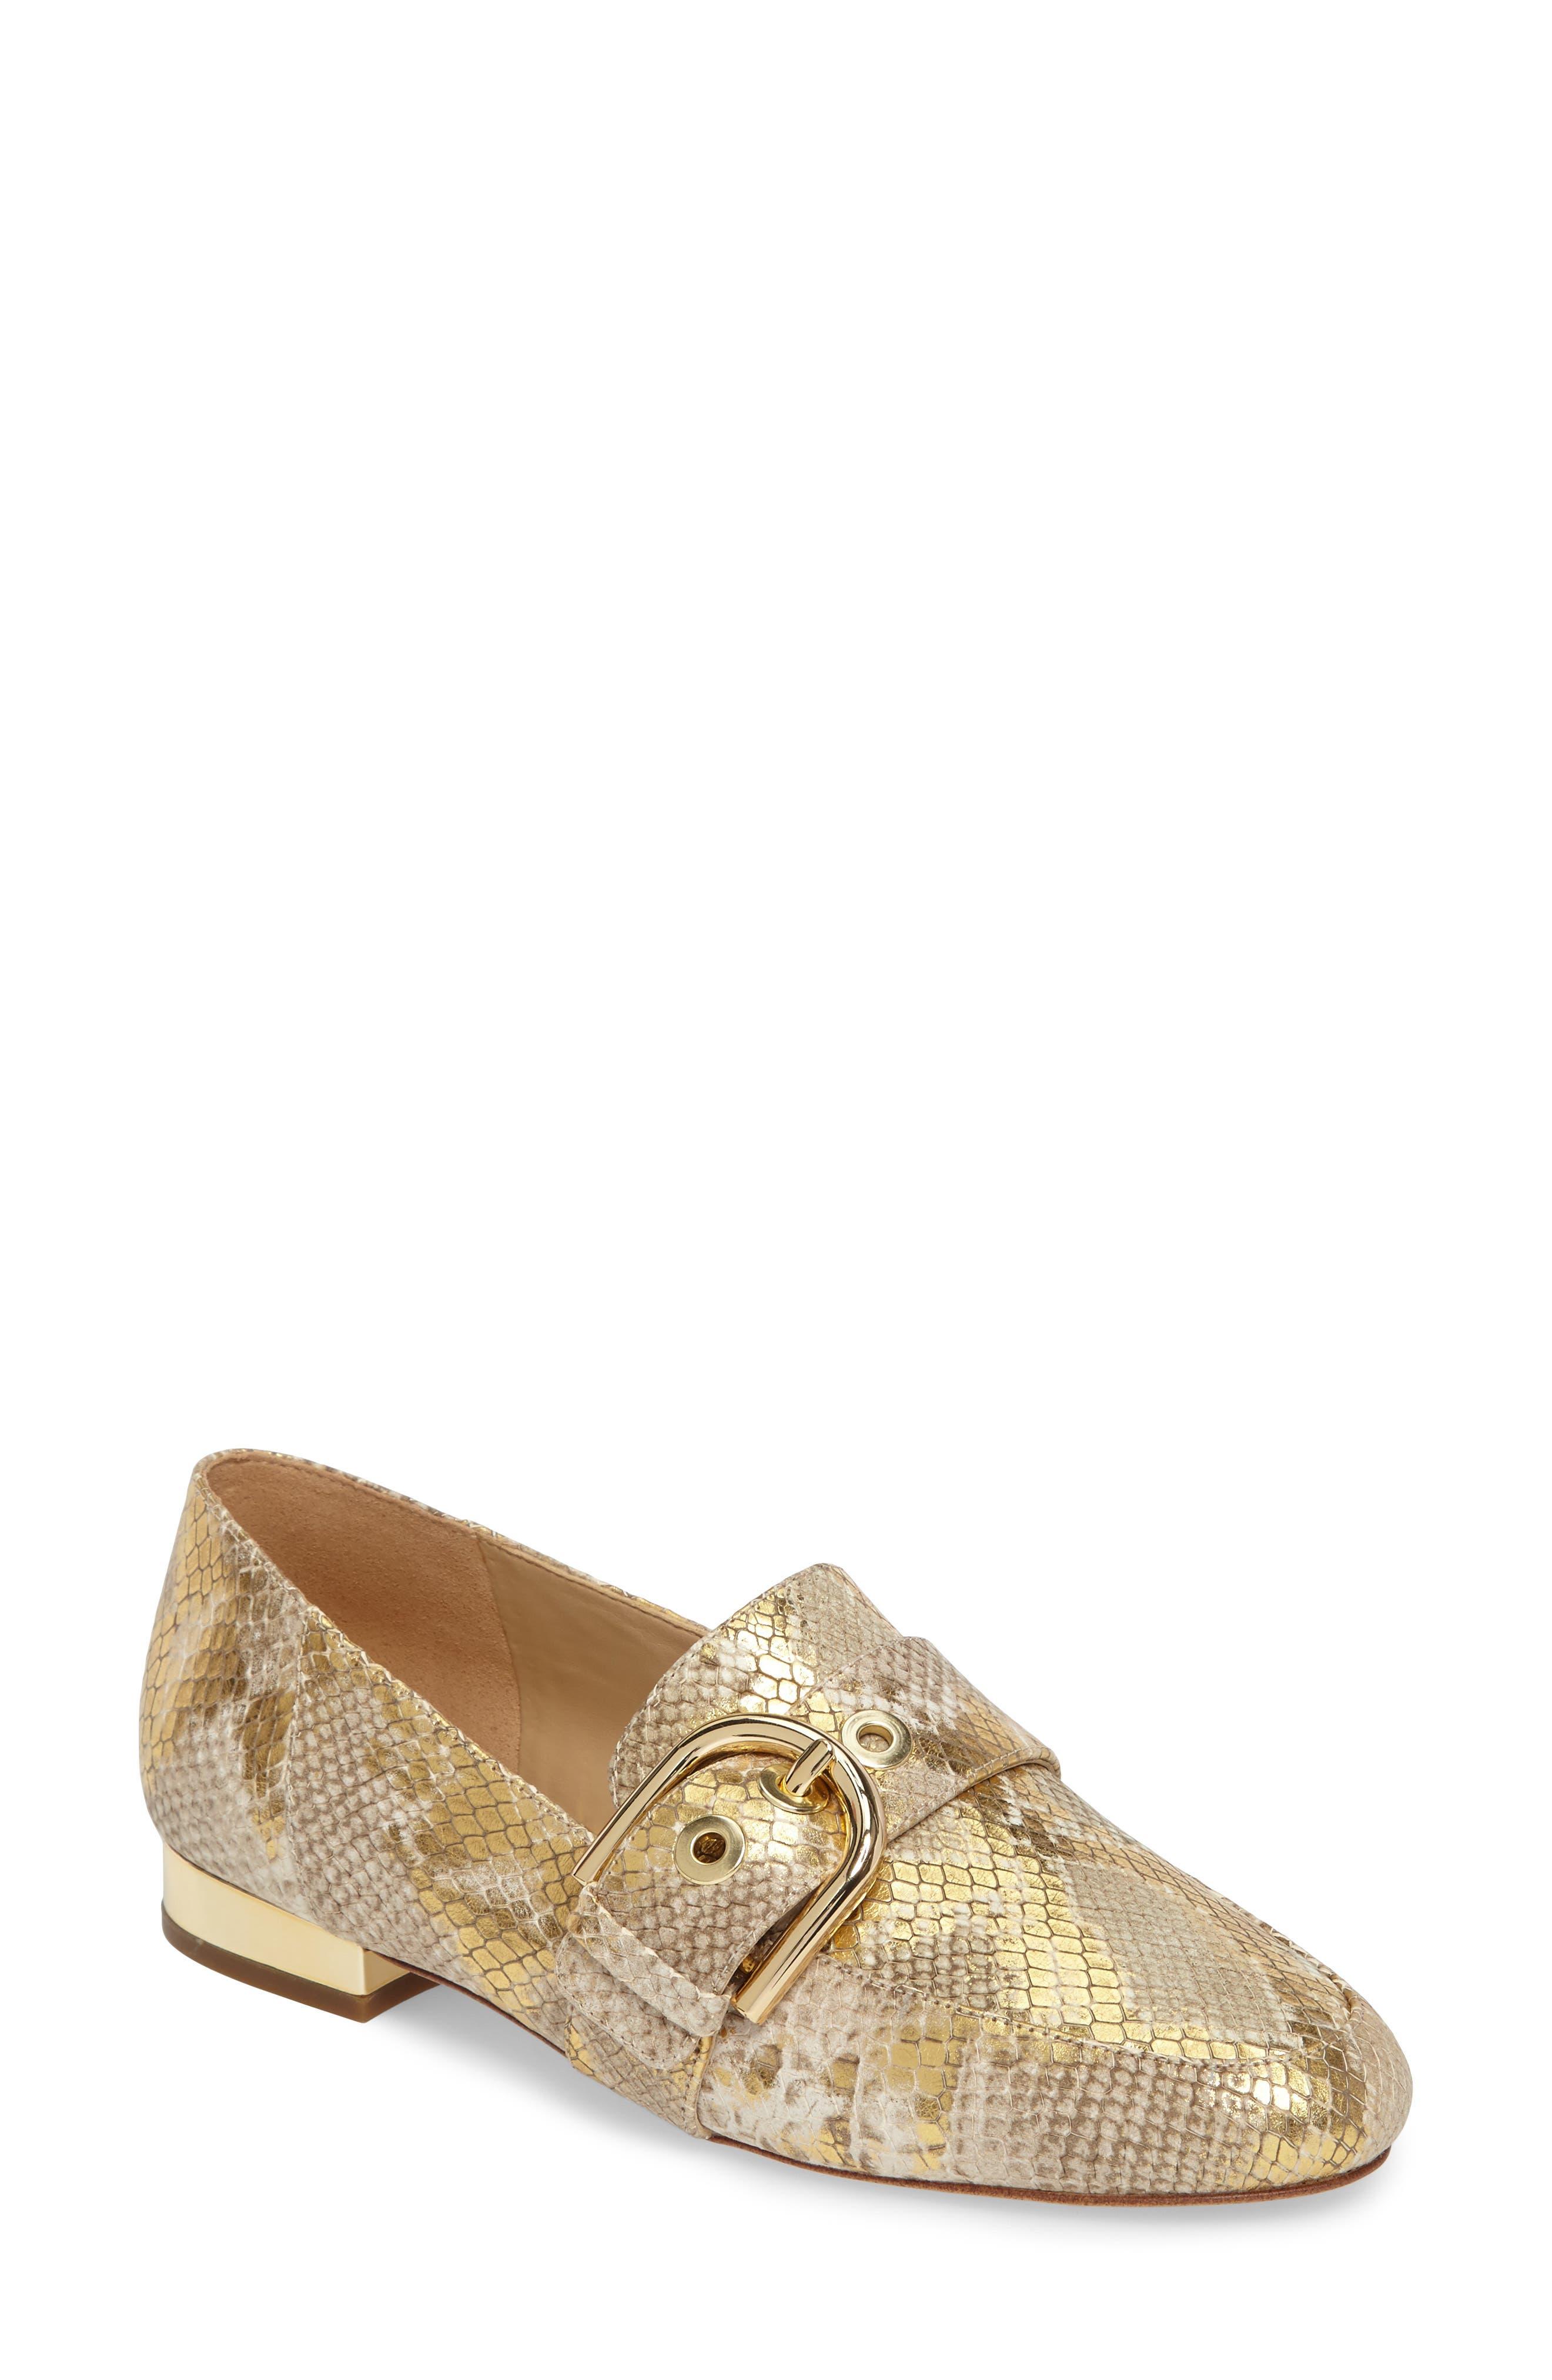 Cooper Loafer,                         Main,                         color, Natural/ Gold Snakeskin